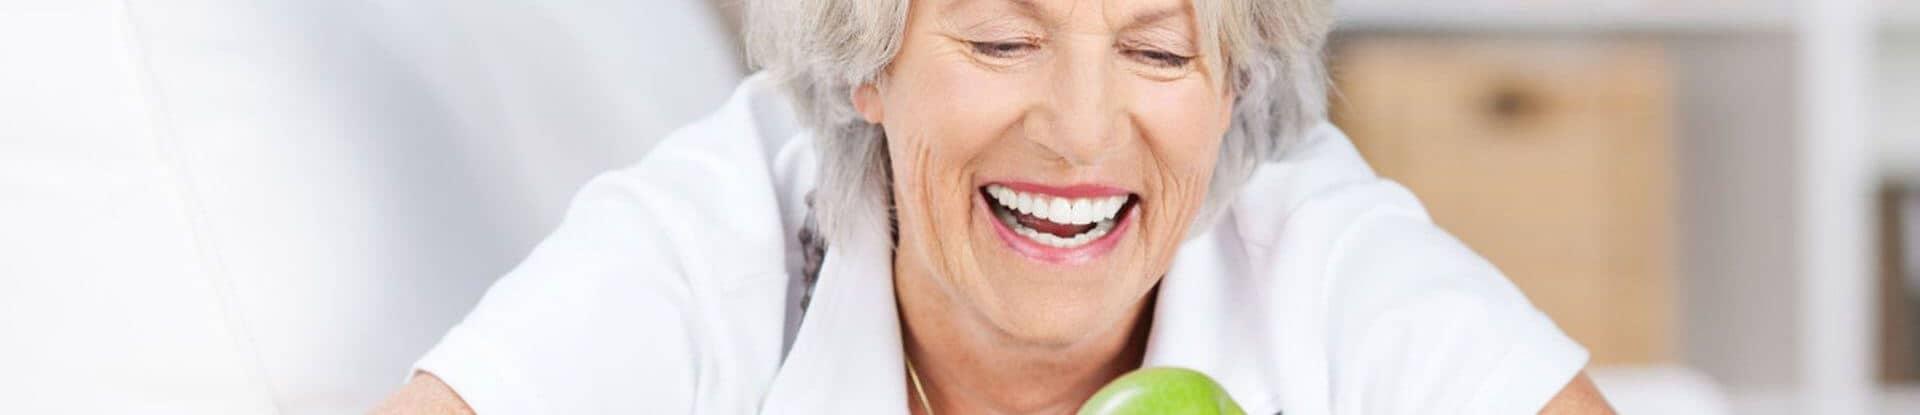 Zahnimplantate Bremen - Implantate zu fairen Prei sen - Zahnarzt Frank Bräuer Zahnzentrum Fluke